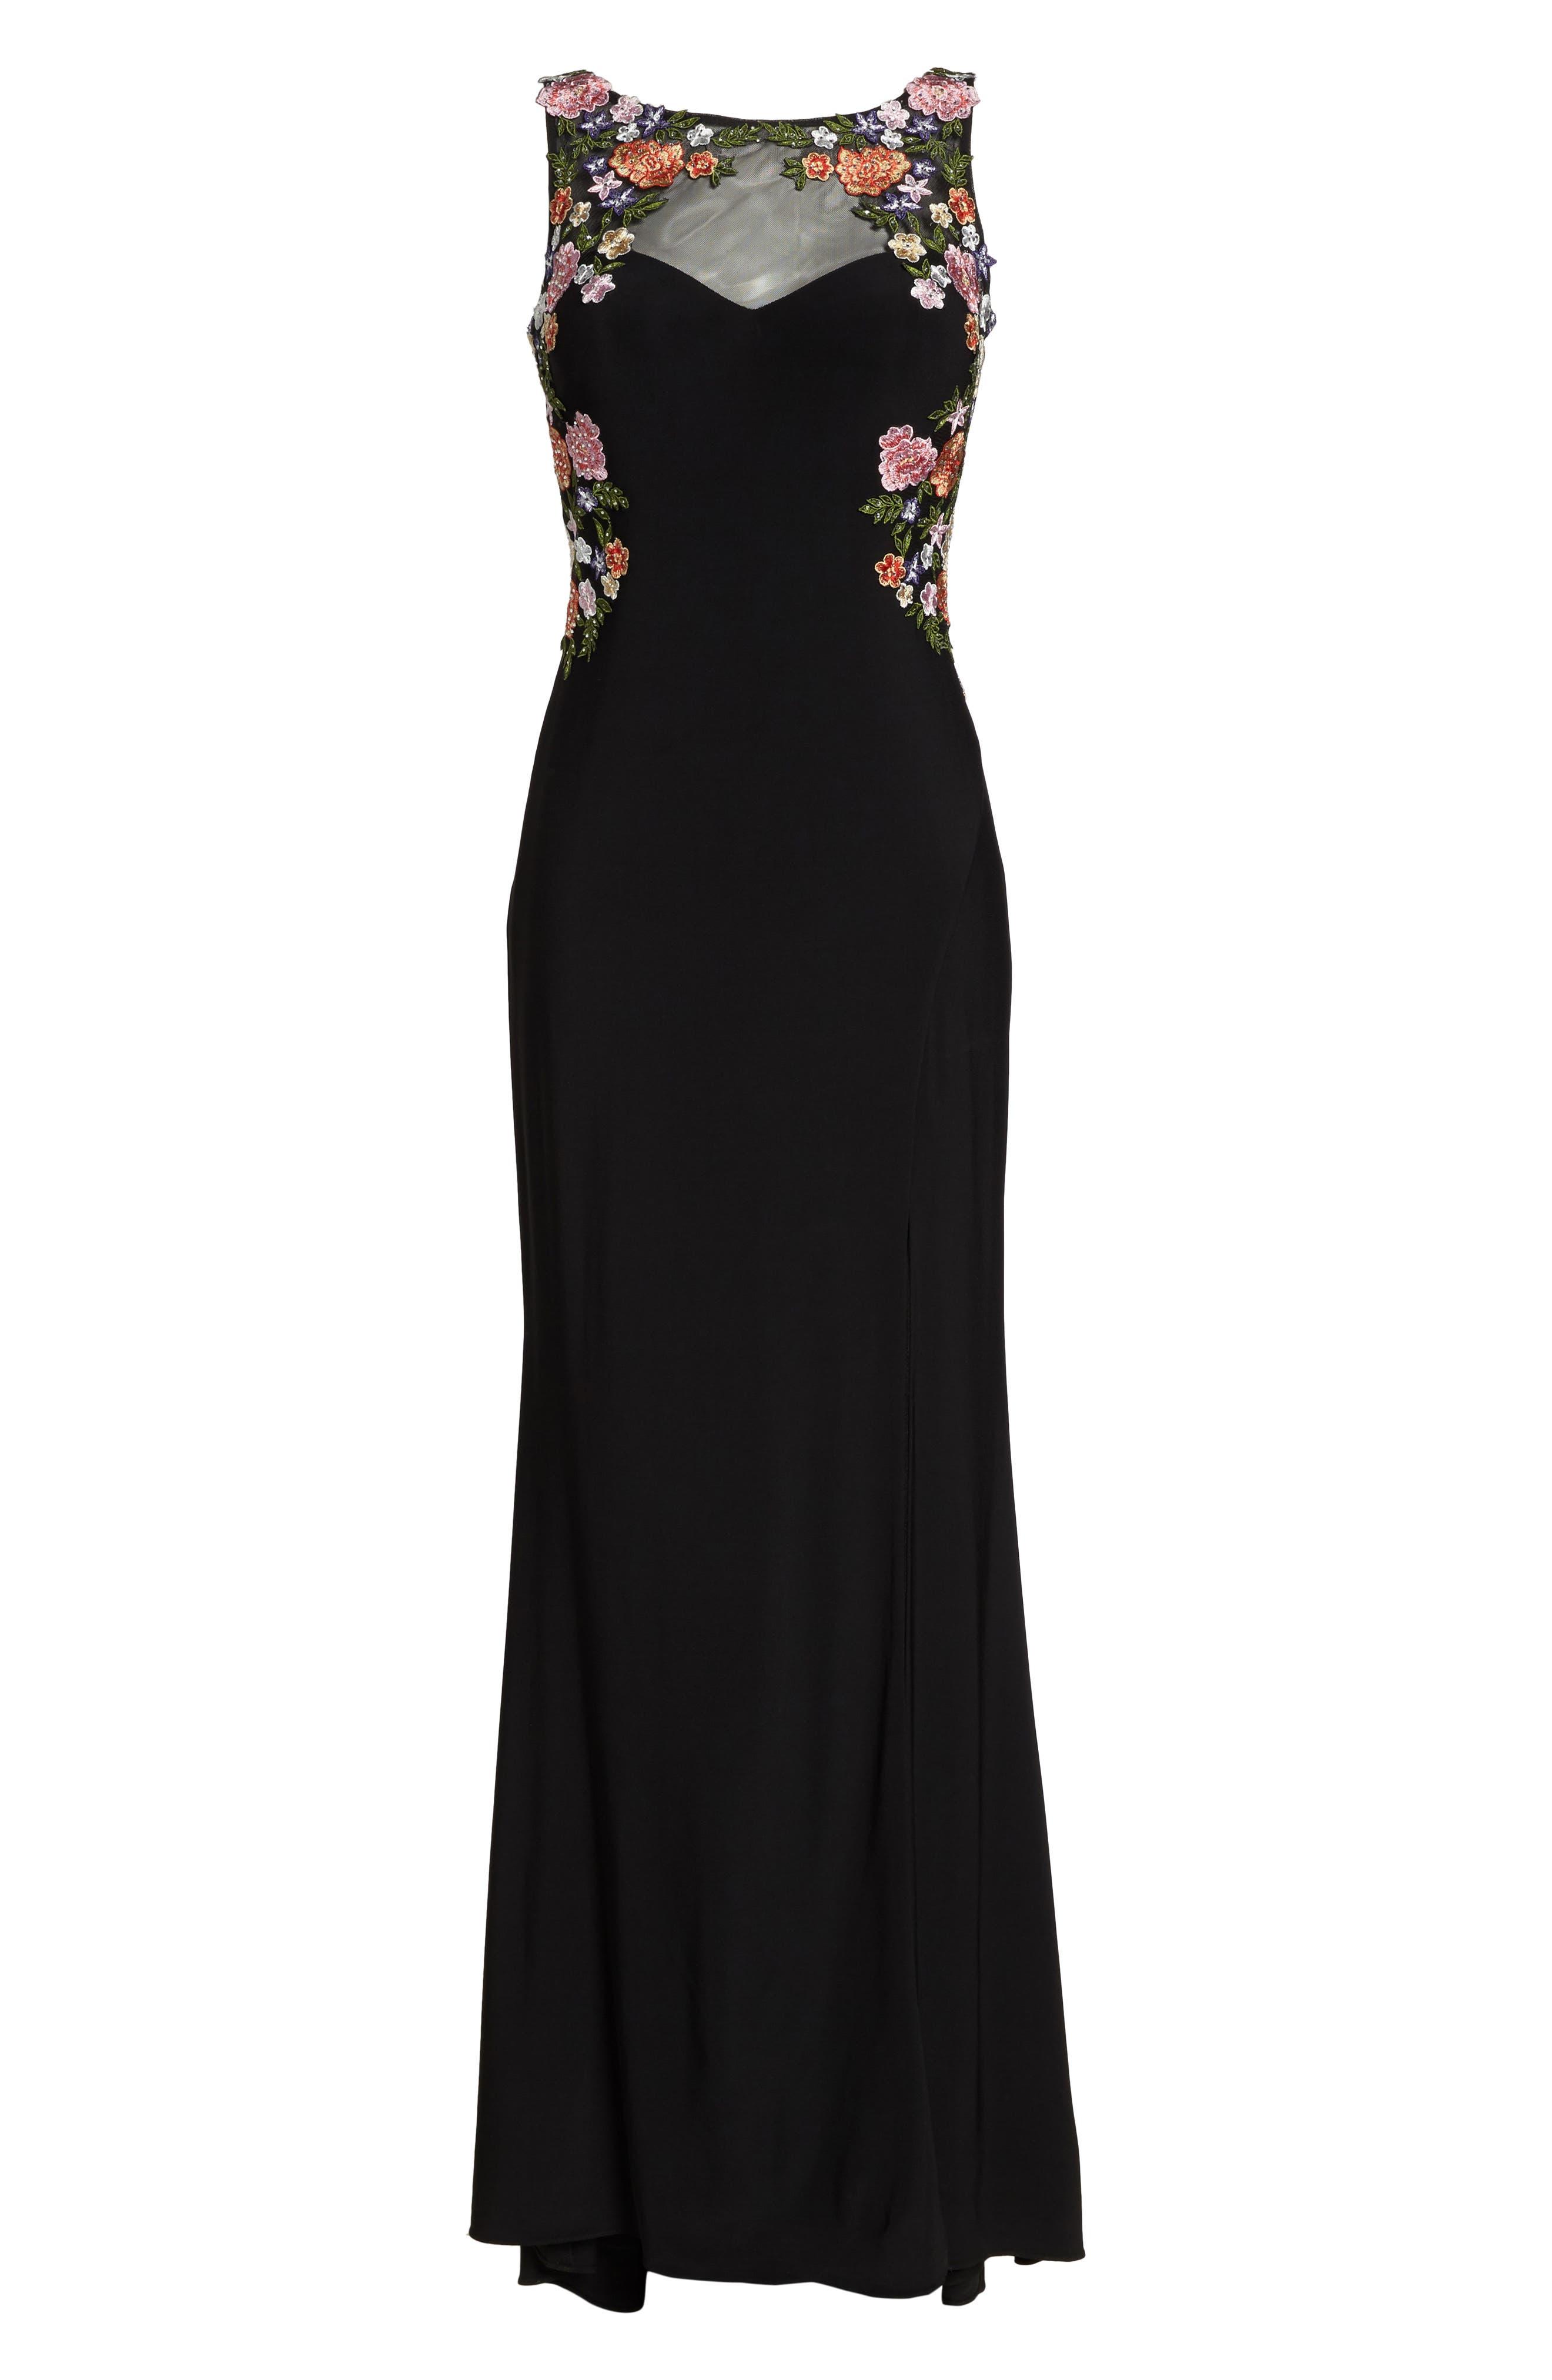 Embellished Sheer Back Knit Gown,                             Alternate thumbnail 6, color,                             Black/ Multi